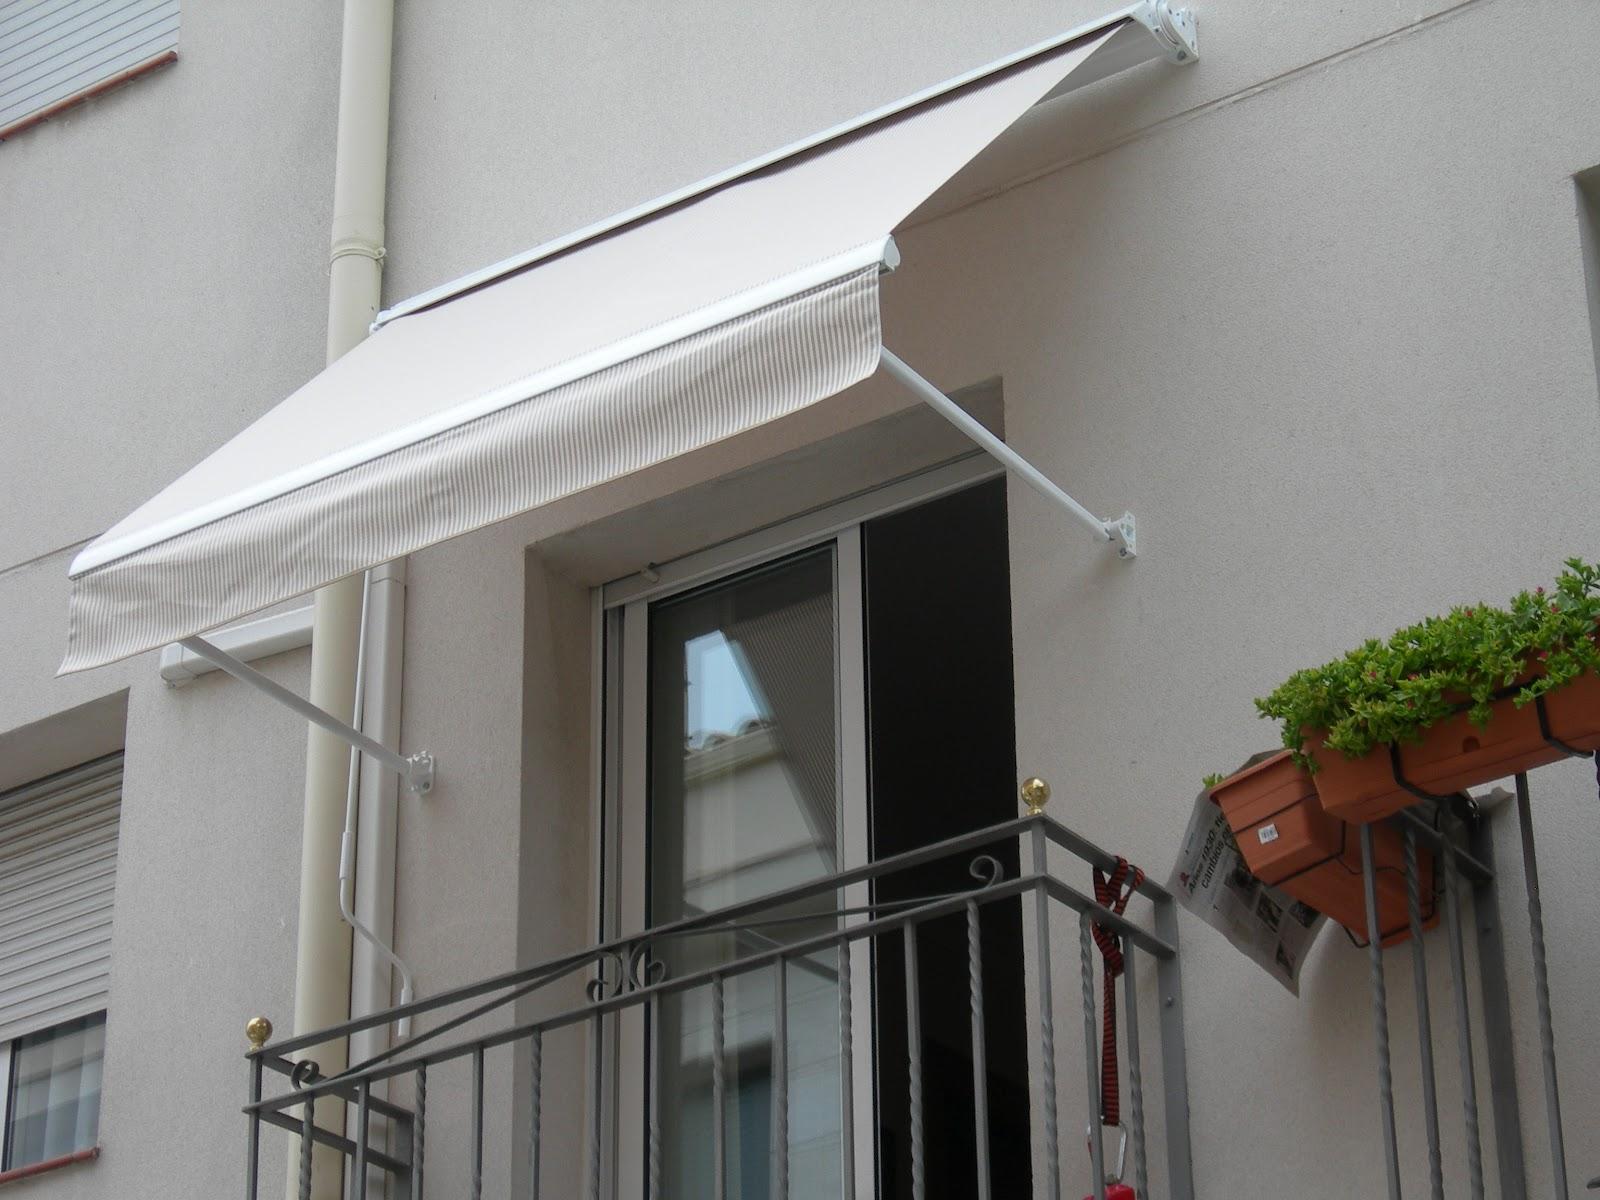 Toldos campos toldos para ventana for Precios de toldos para balcones